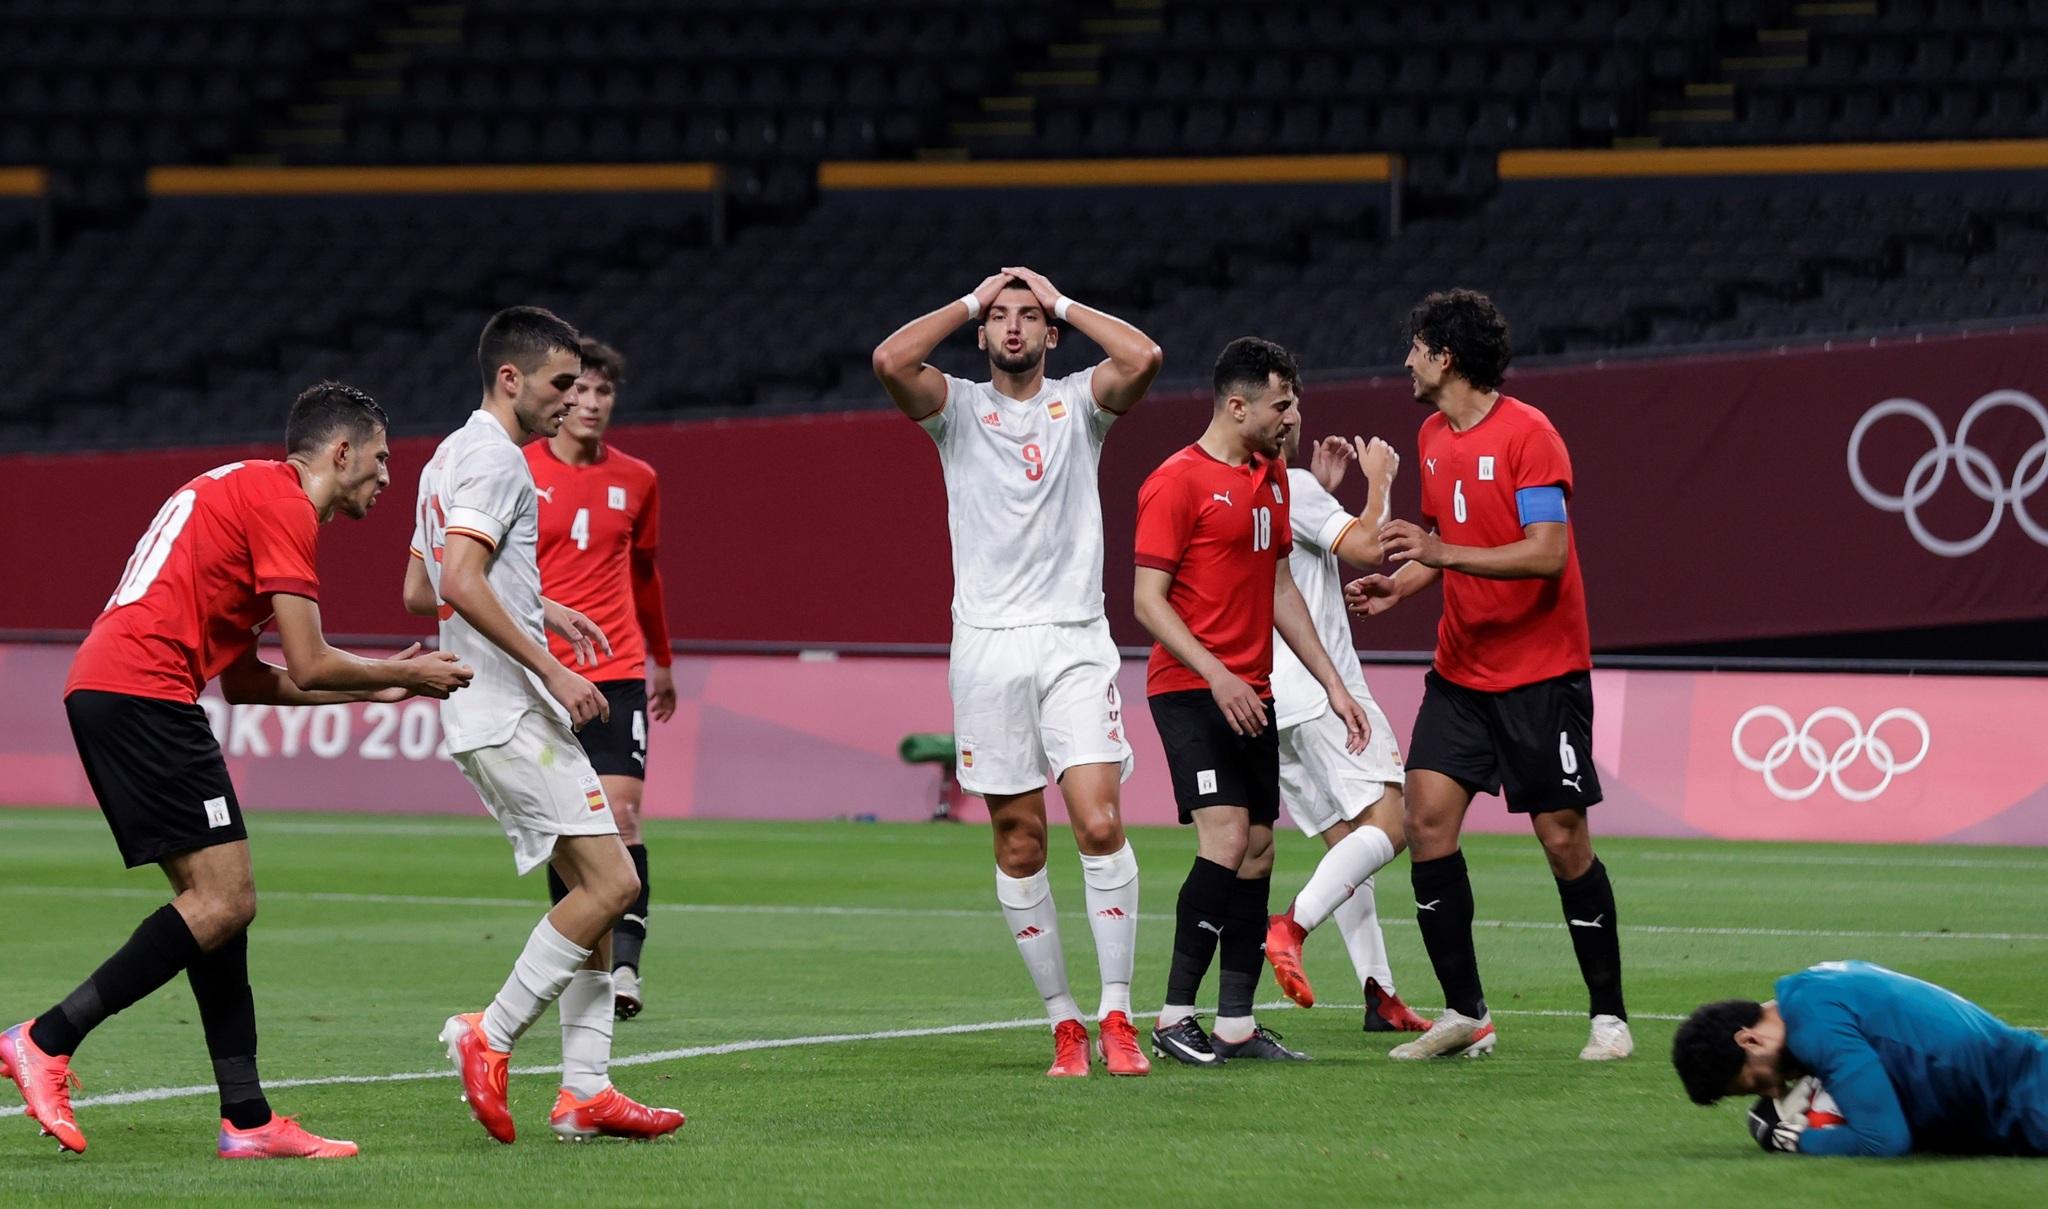 EVE343. SAPPORO (JAPÓN), 22/07/2021.- El delantero de la <HIT>selección</HIT><HIT>española</HIT> Rafa Mir (c) reacciona tras fallar una ocasión durante el encuentro de las <HIT>selecciones</HIT> olímpicas de España y Egipto, perteneciente al grupo C de los Juegos Olímpicos de 2020, en el estadio Hokkaido Consadole Sapporo, en Sapporo, Japón. EFE/ RFEF/ Morenatti SOLO USO EDITORIAL/ SOLO USO DISPONIBLE PARA ILUSTRAR LA FOTOGRAFÍA QUE ACOMPAÑA/ (CRÉDITO OBLIGATORIO)